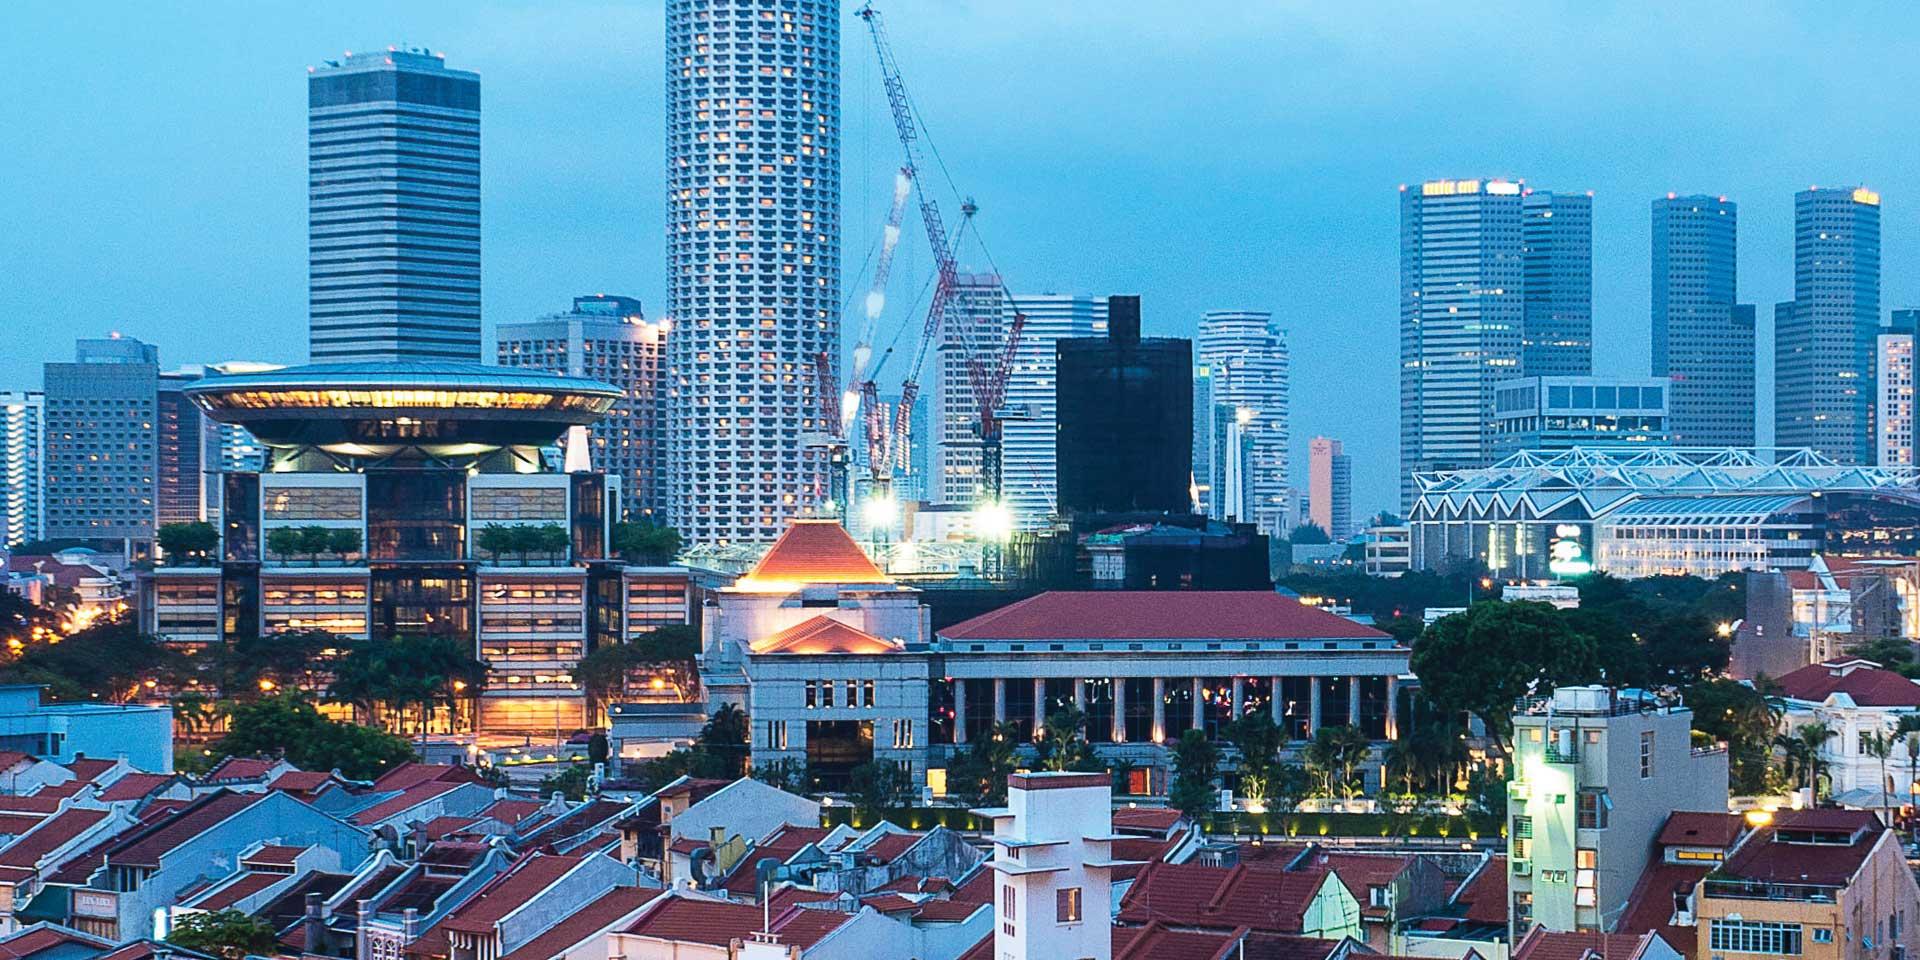 Singapore White & Case